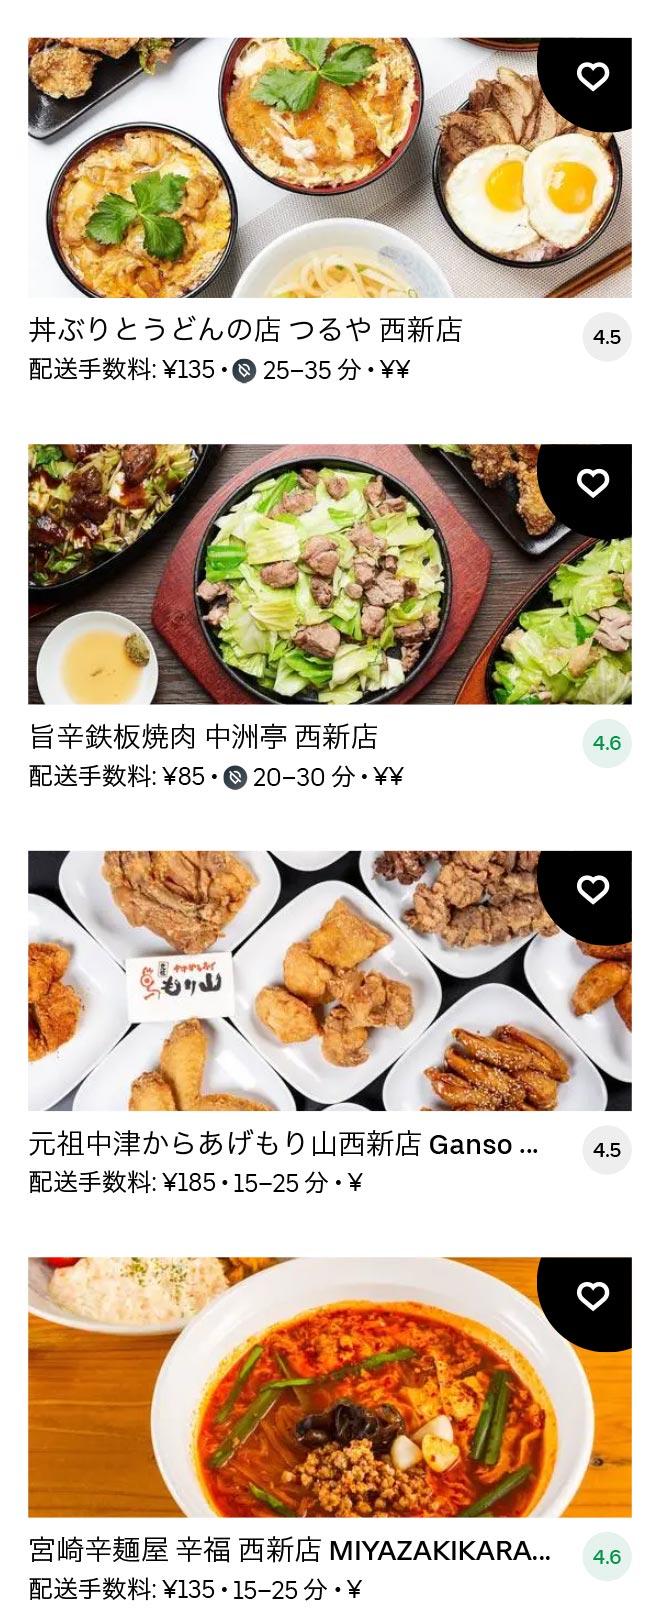 Nishijin menu 2101 05